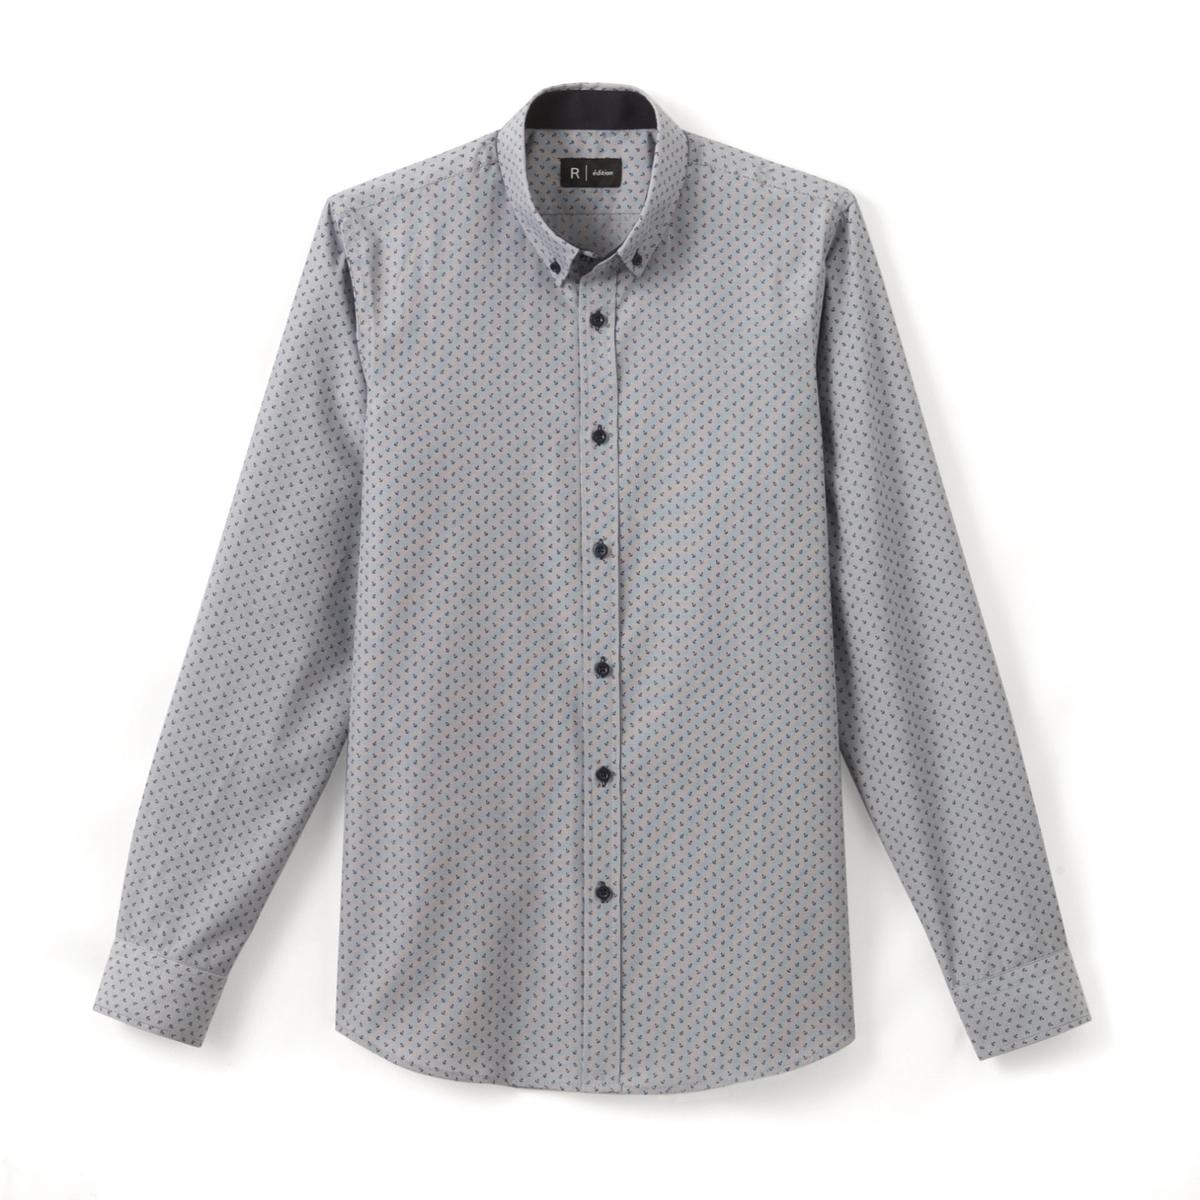 Рубашка узкого покроя из хлопка